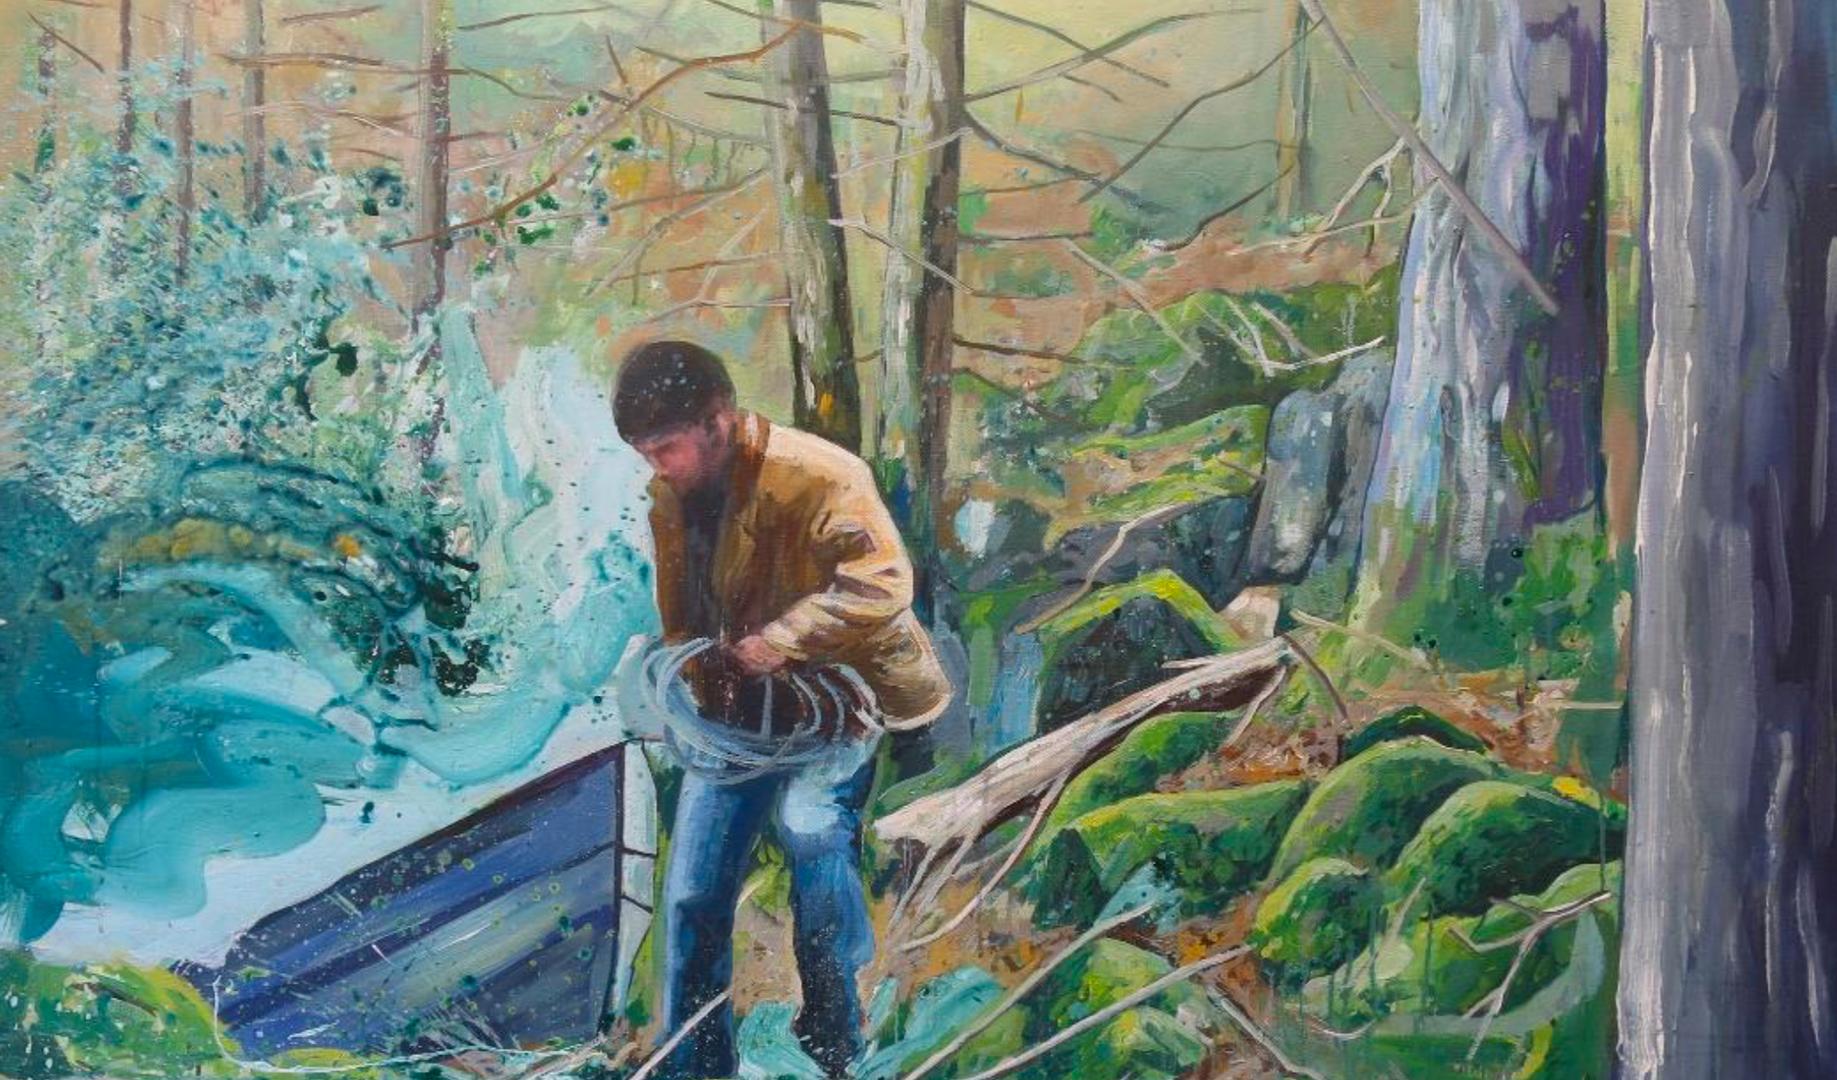 Peinture à dessiner 4, d'après le film de Gilles Marchand Dans la forêt